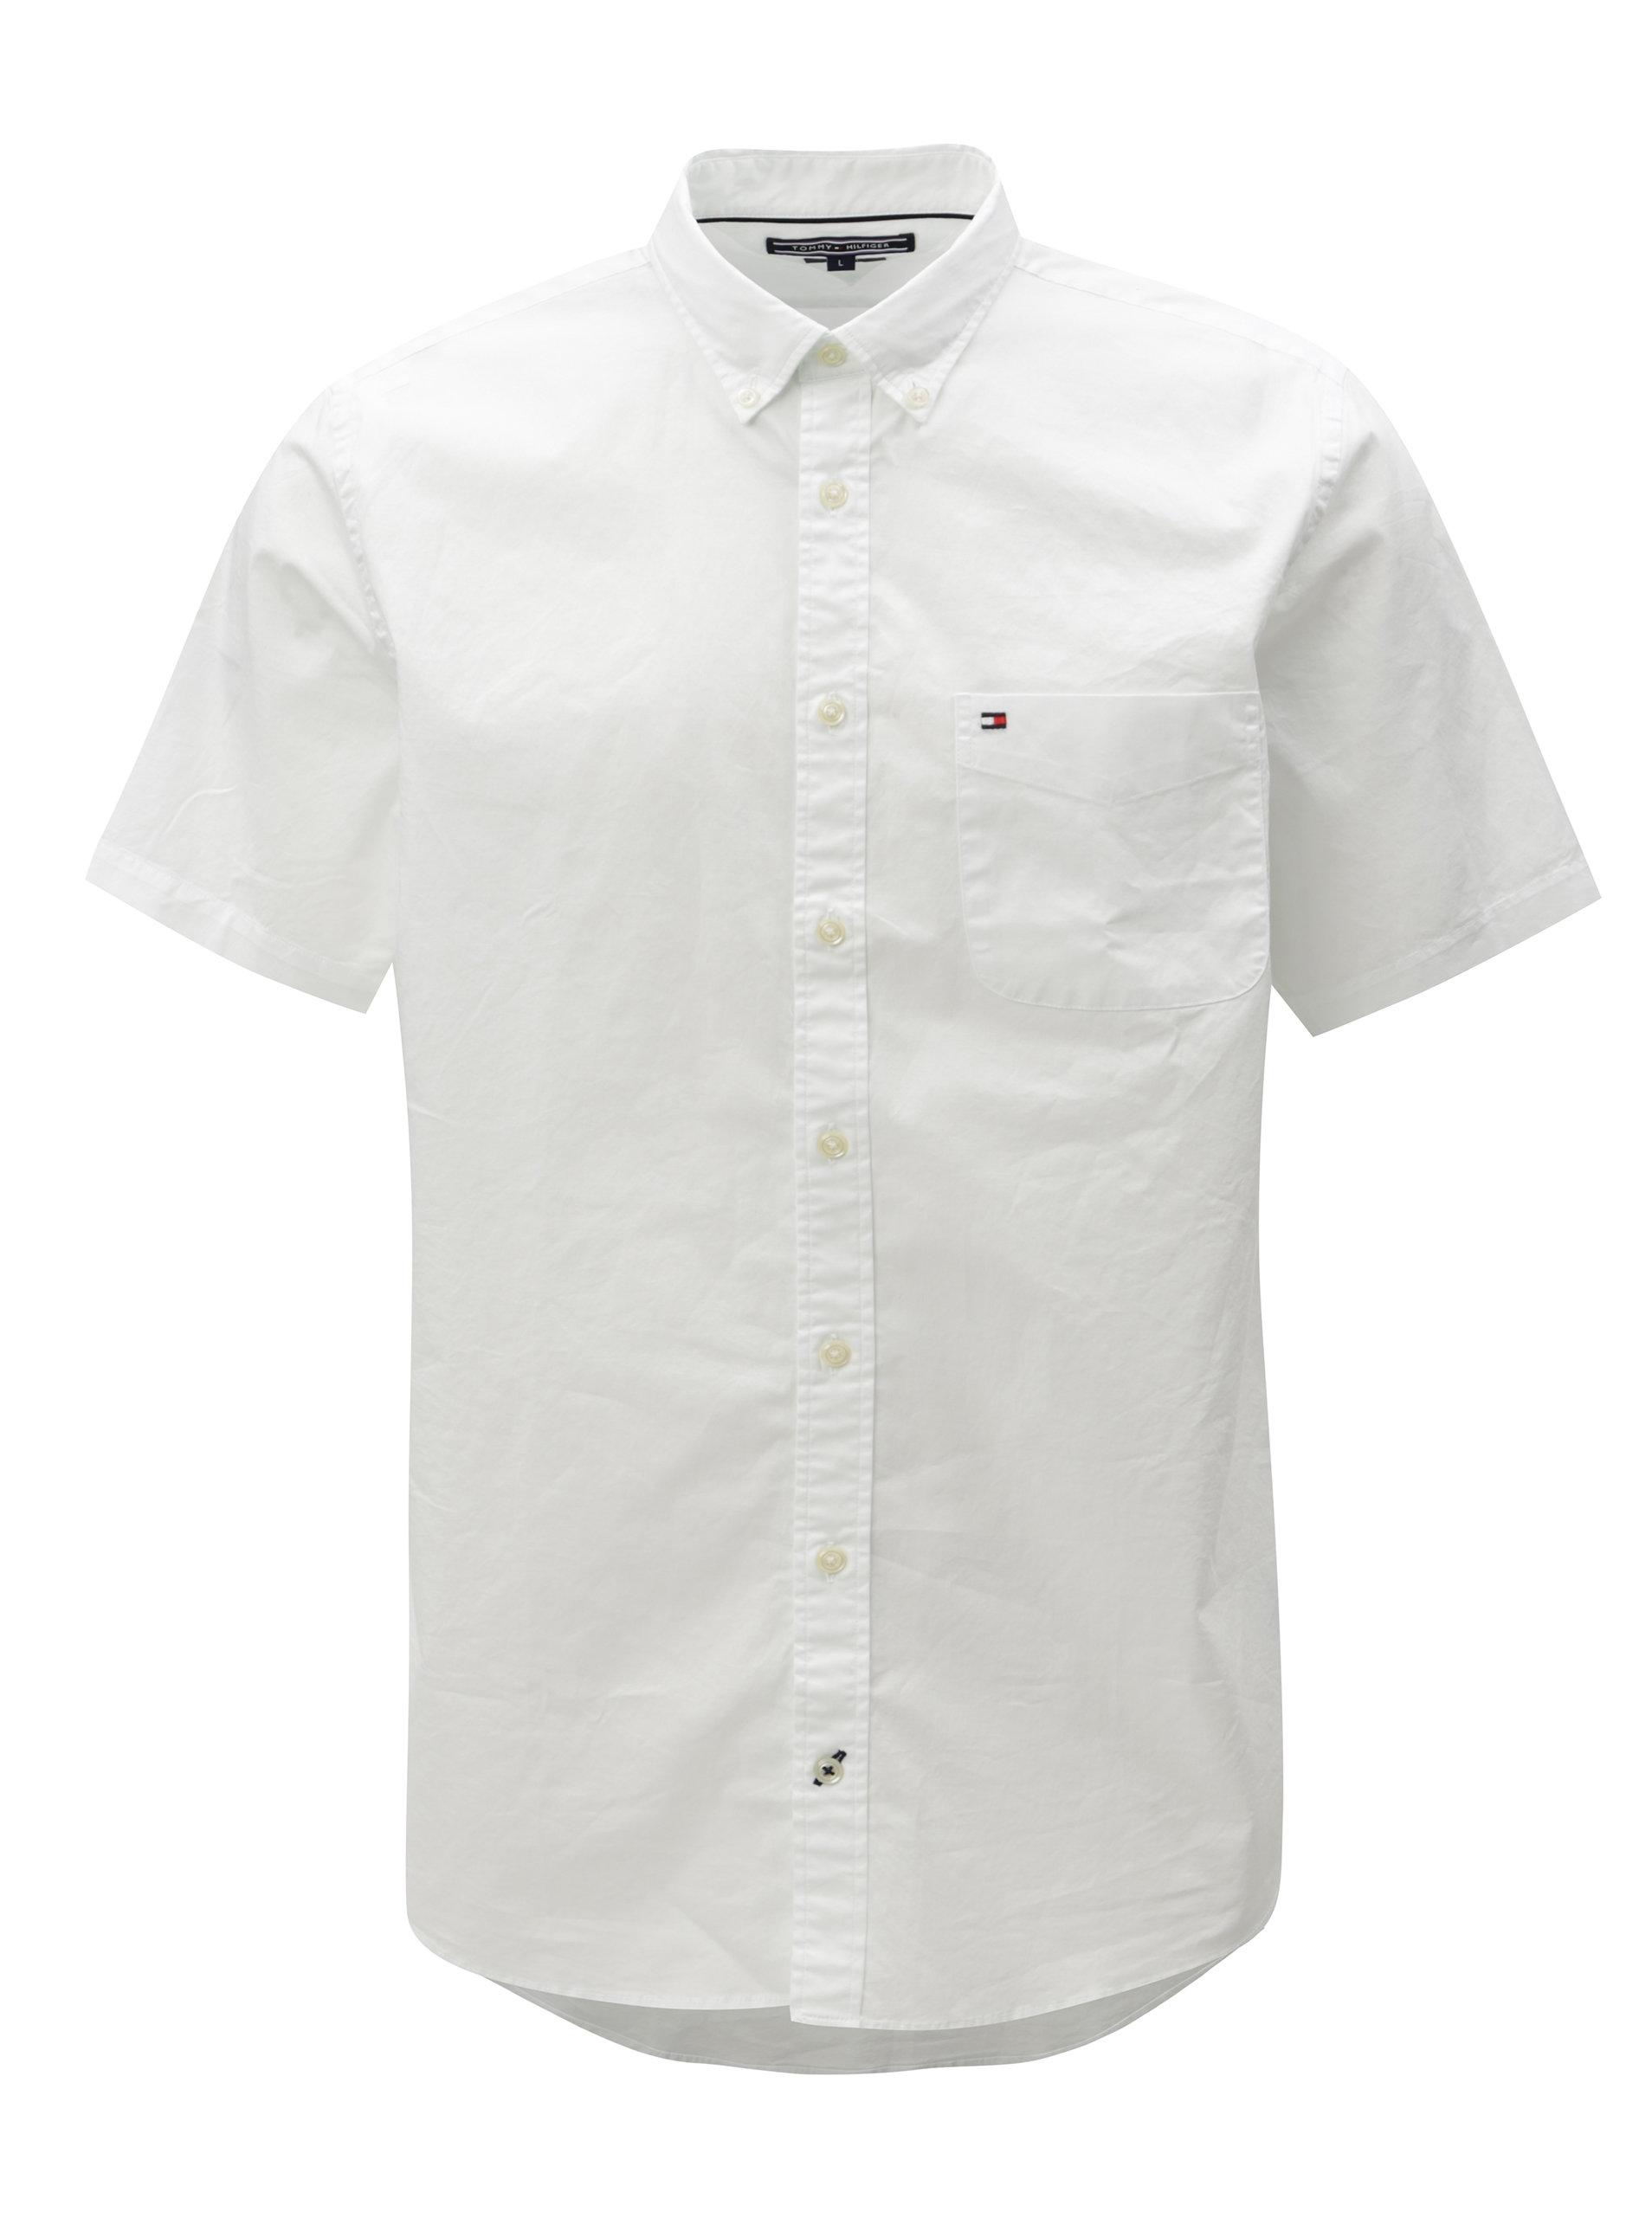 Biela pánska košeľa s krátkym rukávom Tommy Hilfiger ... 3dcec0e5537